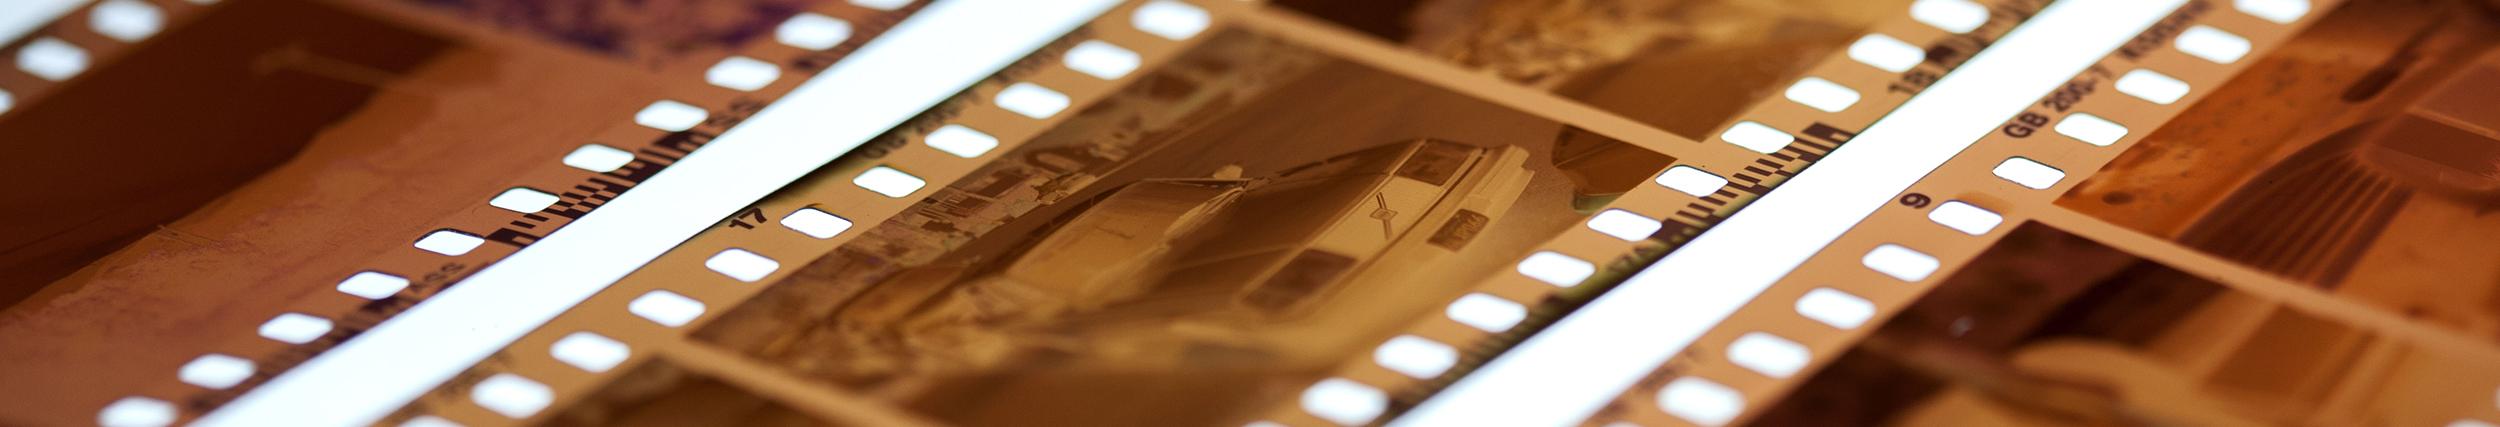 FILMSCANNING_banner.jpg